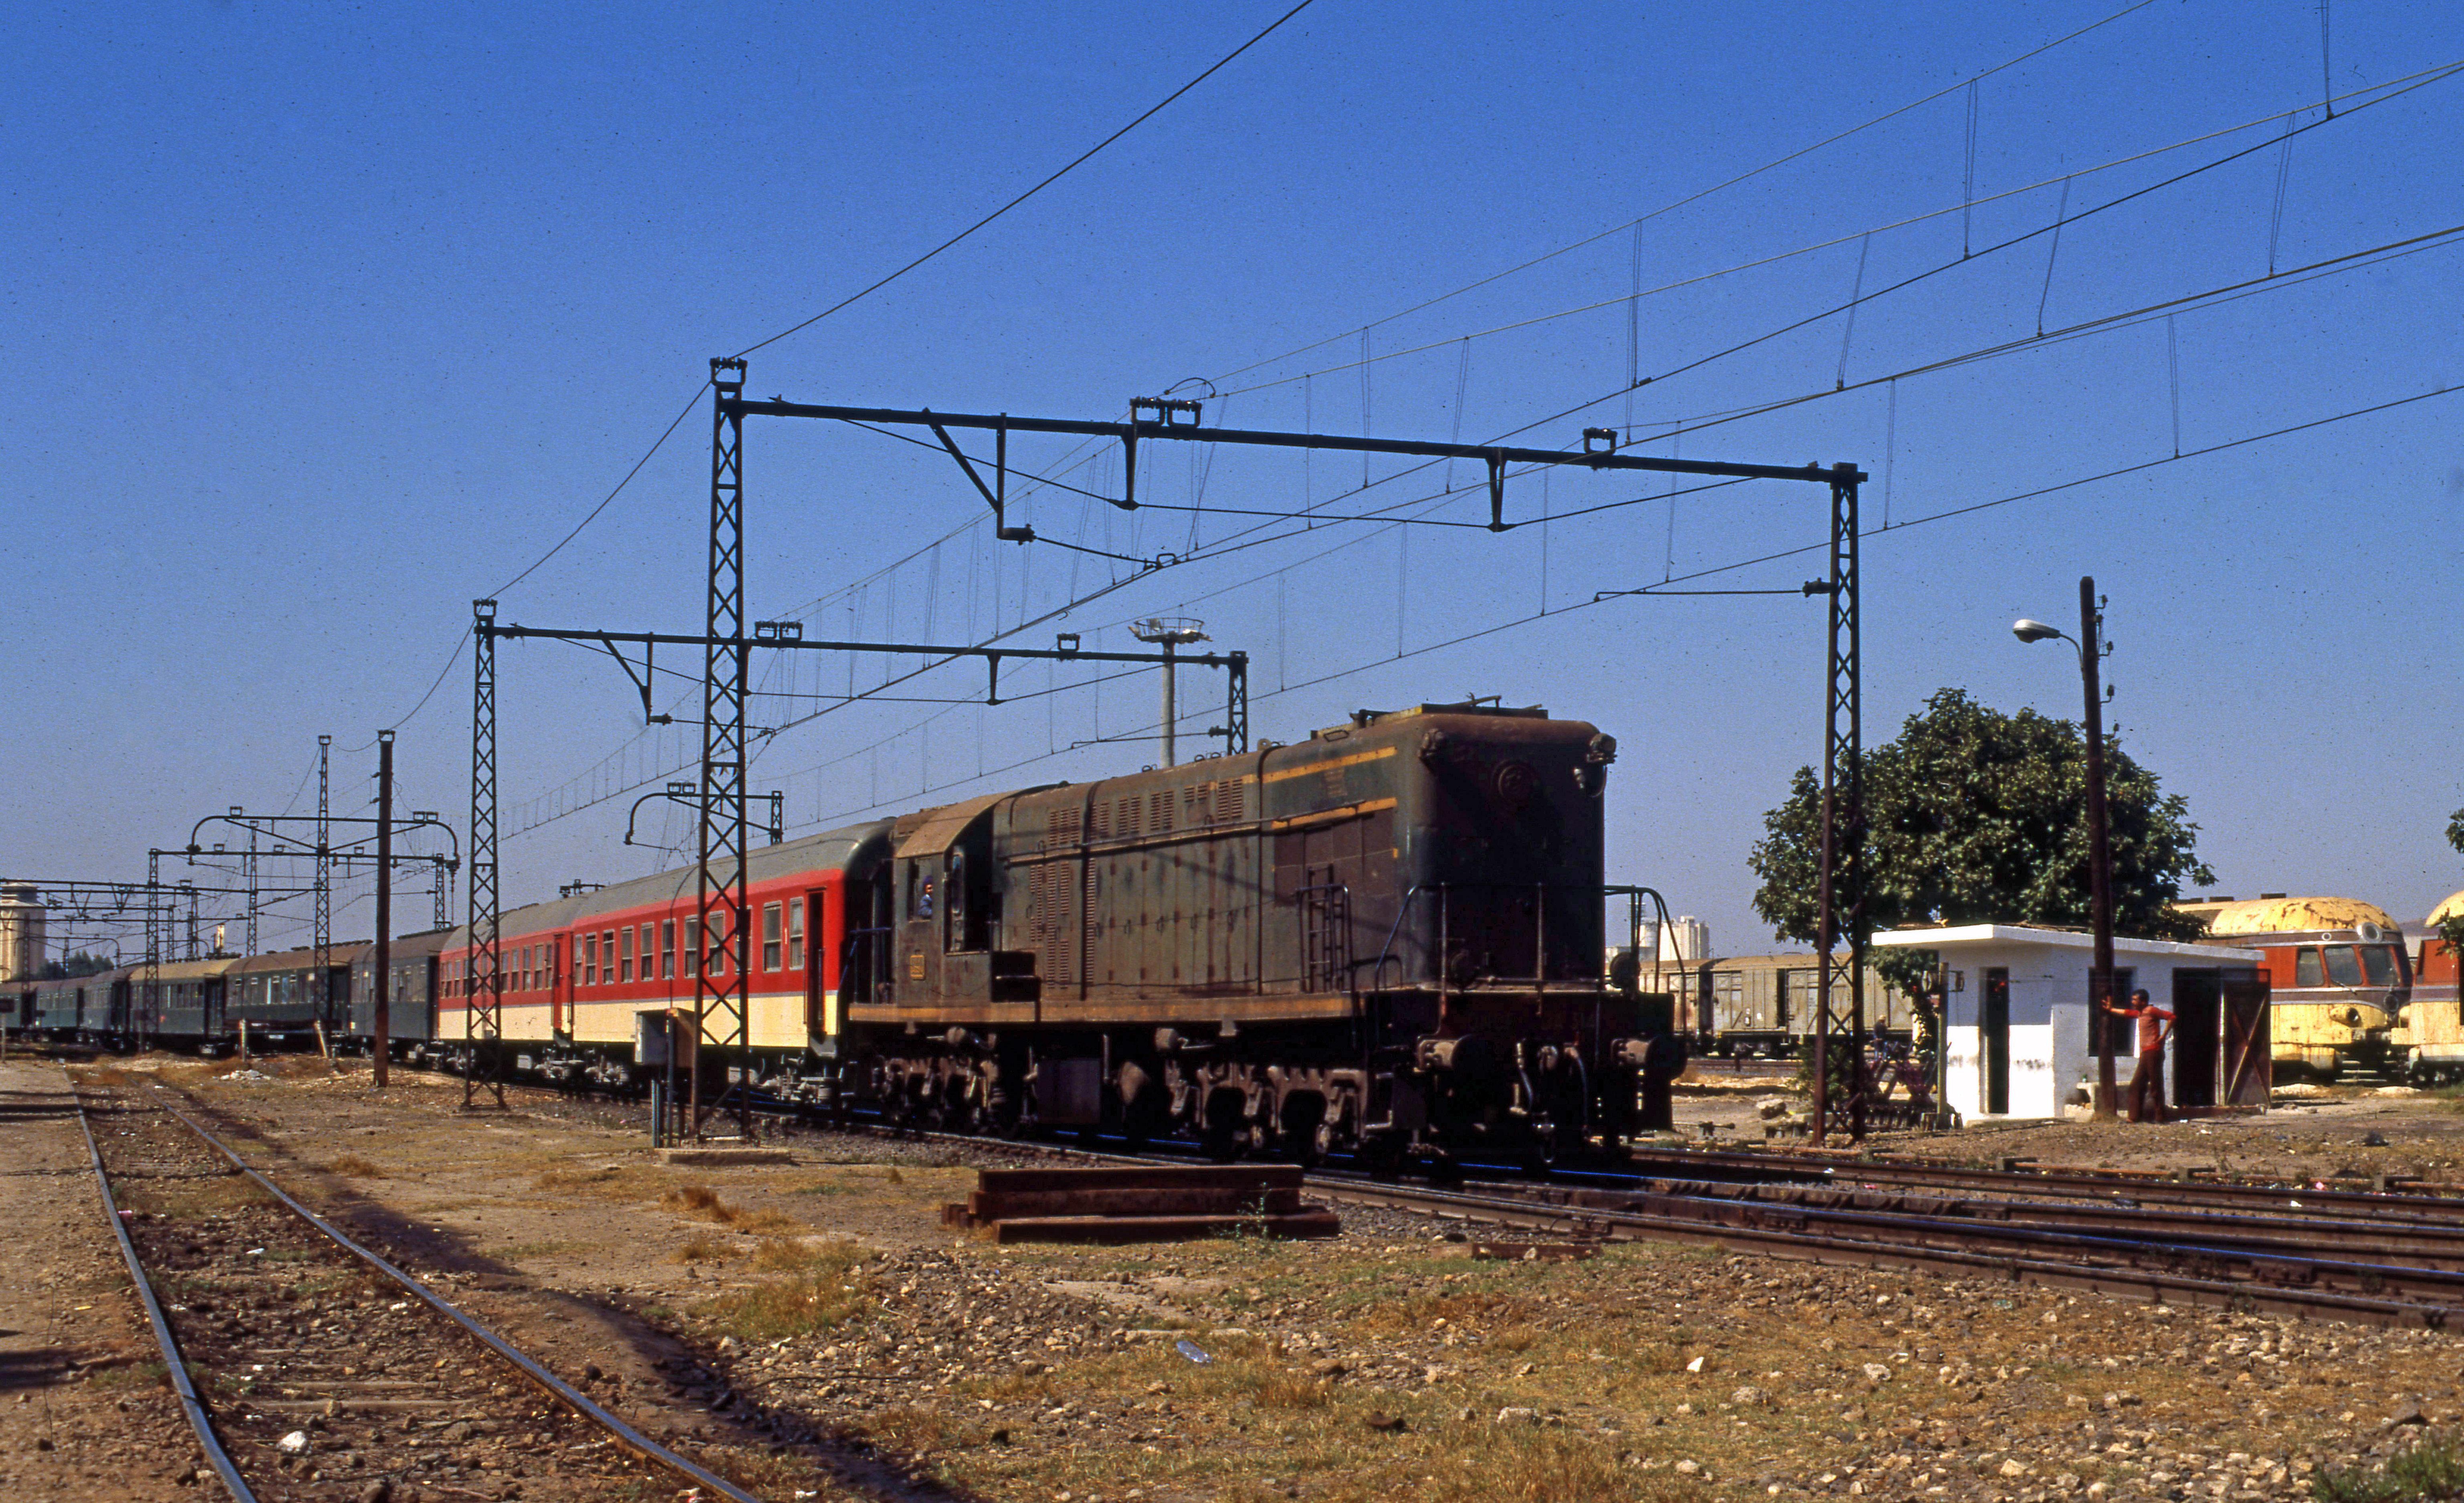 Chemins de Fer au Maroc - ONCF  - Page 5 50660176843_c2c1722d2e_6k